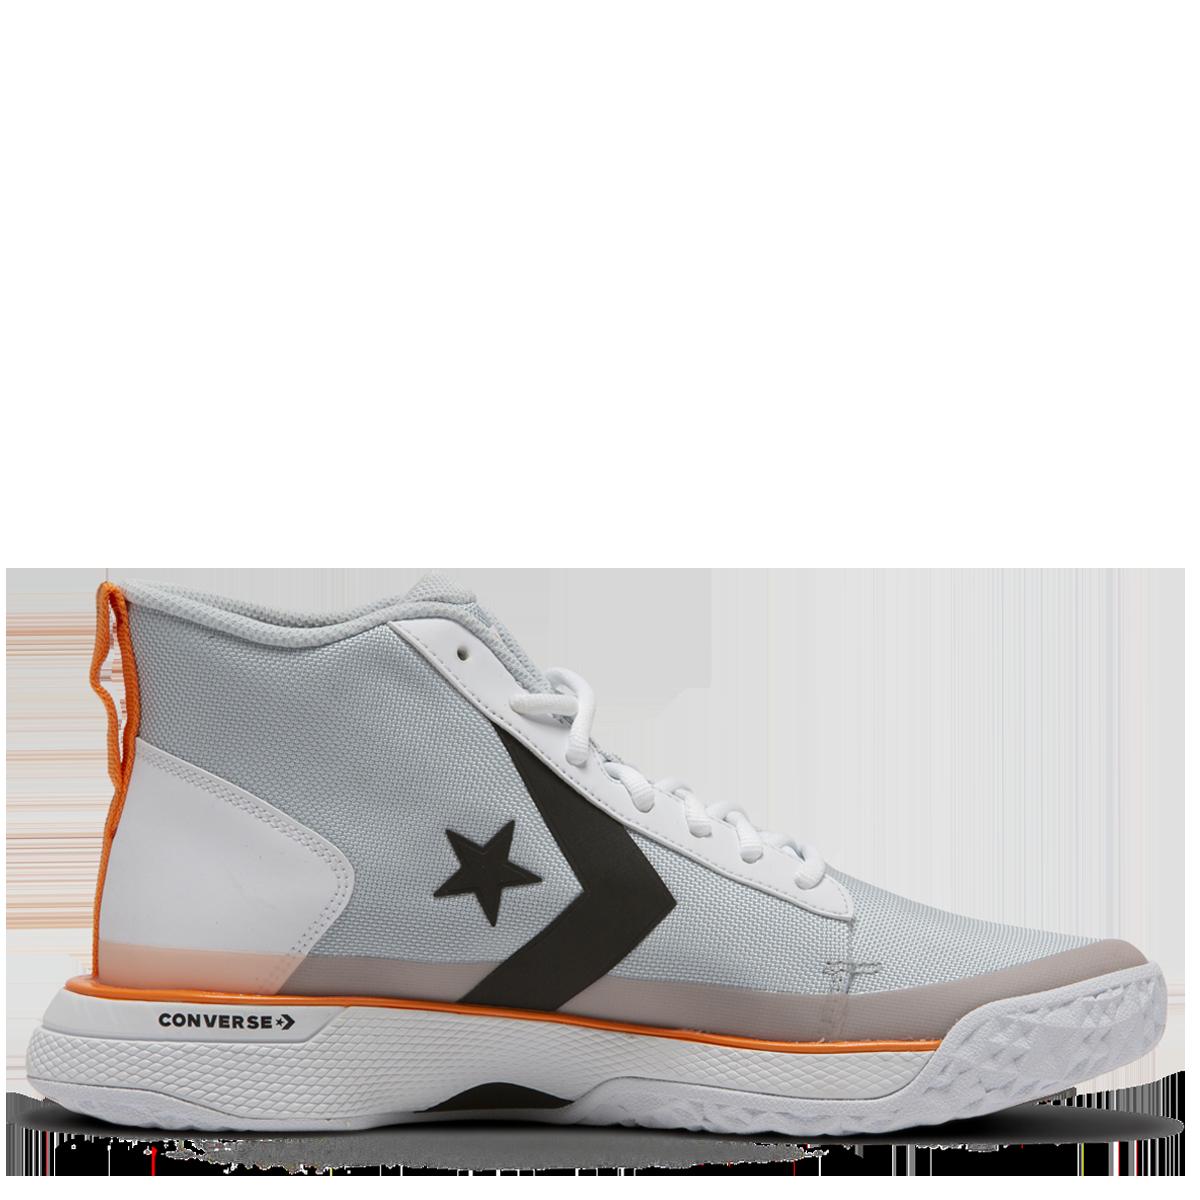 Converse X Tinker Hatfield Star Series BB Mid Pure Platinum